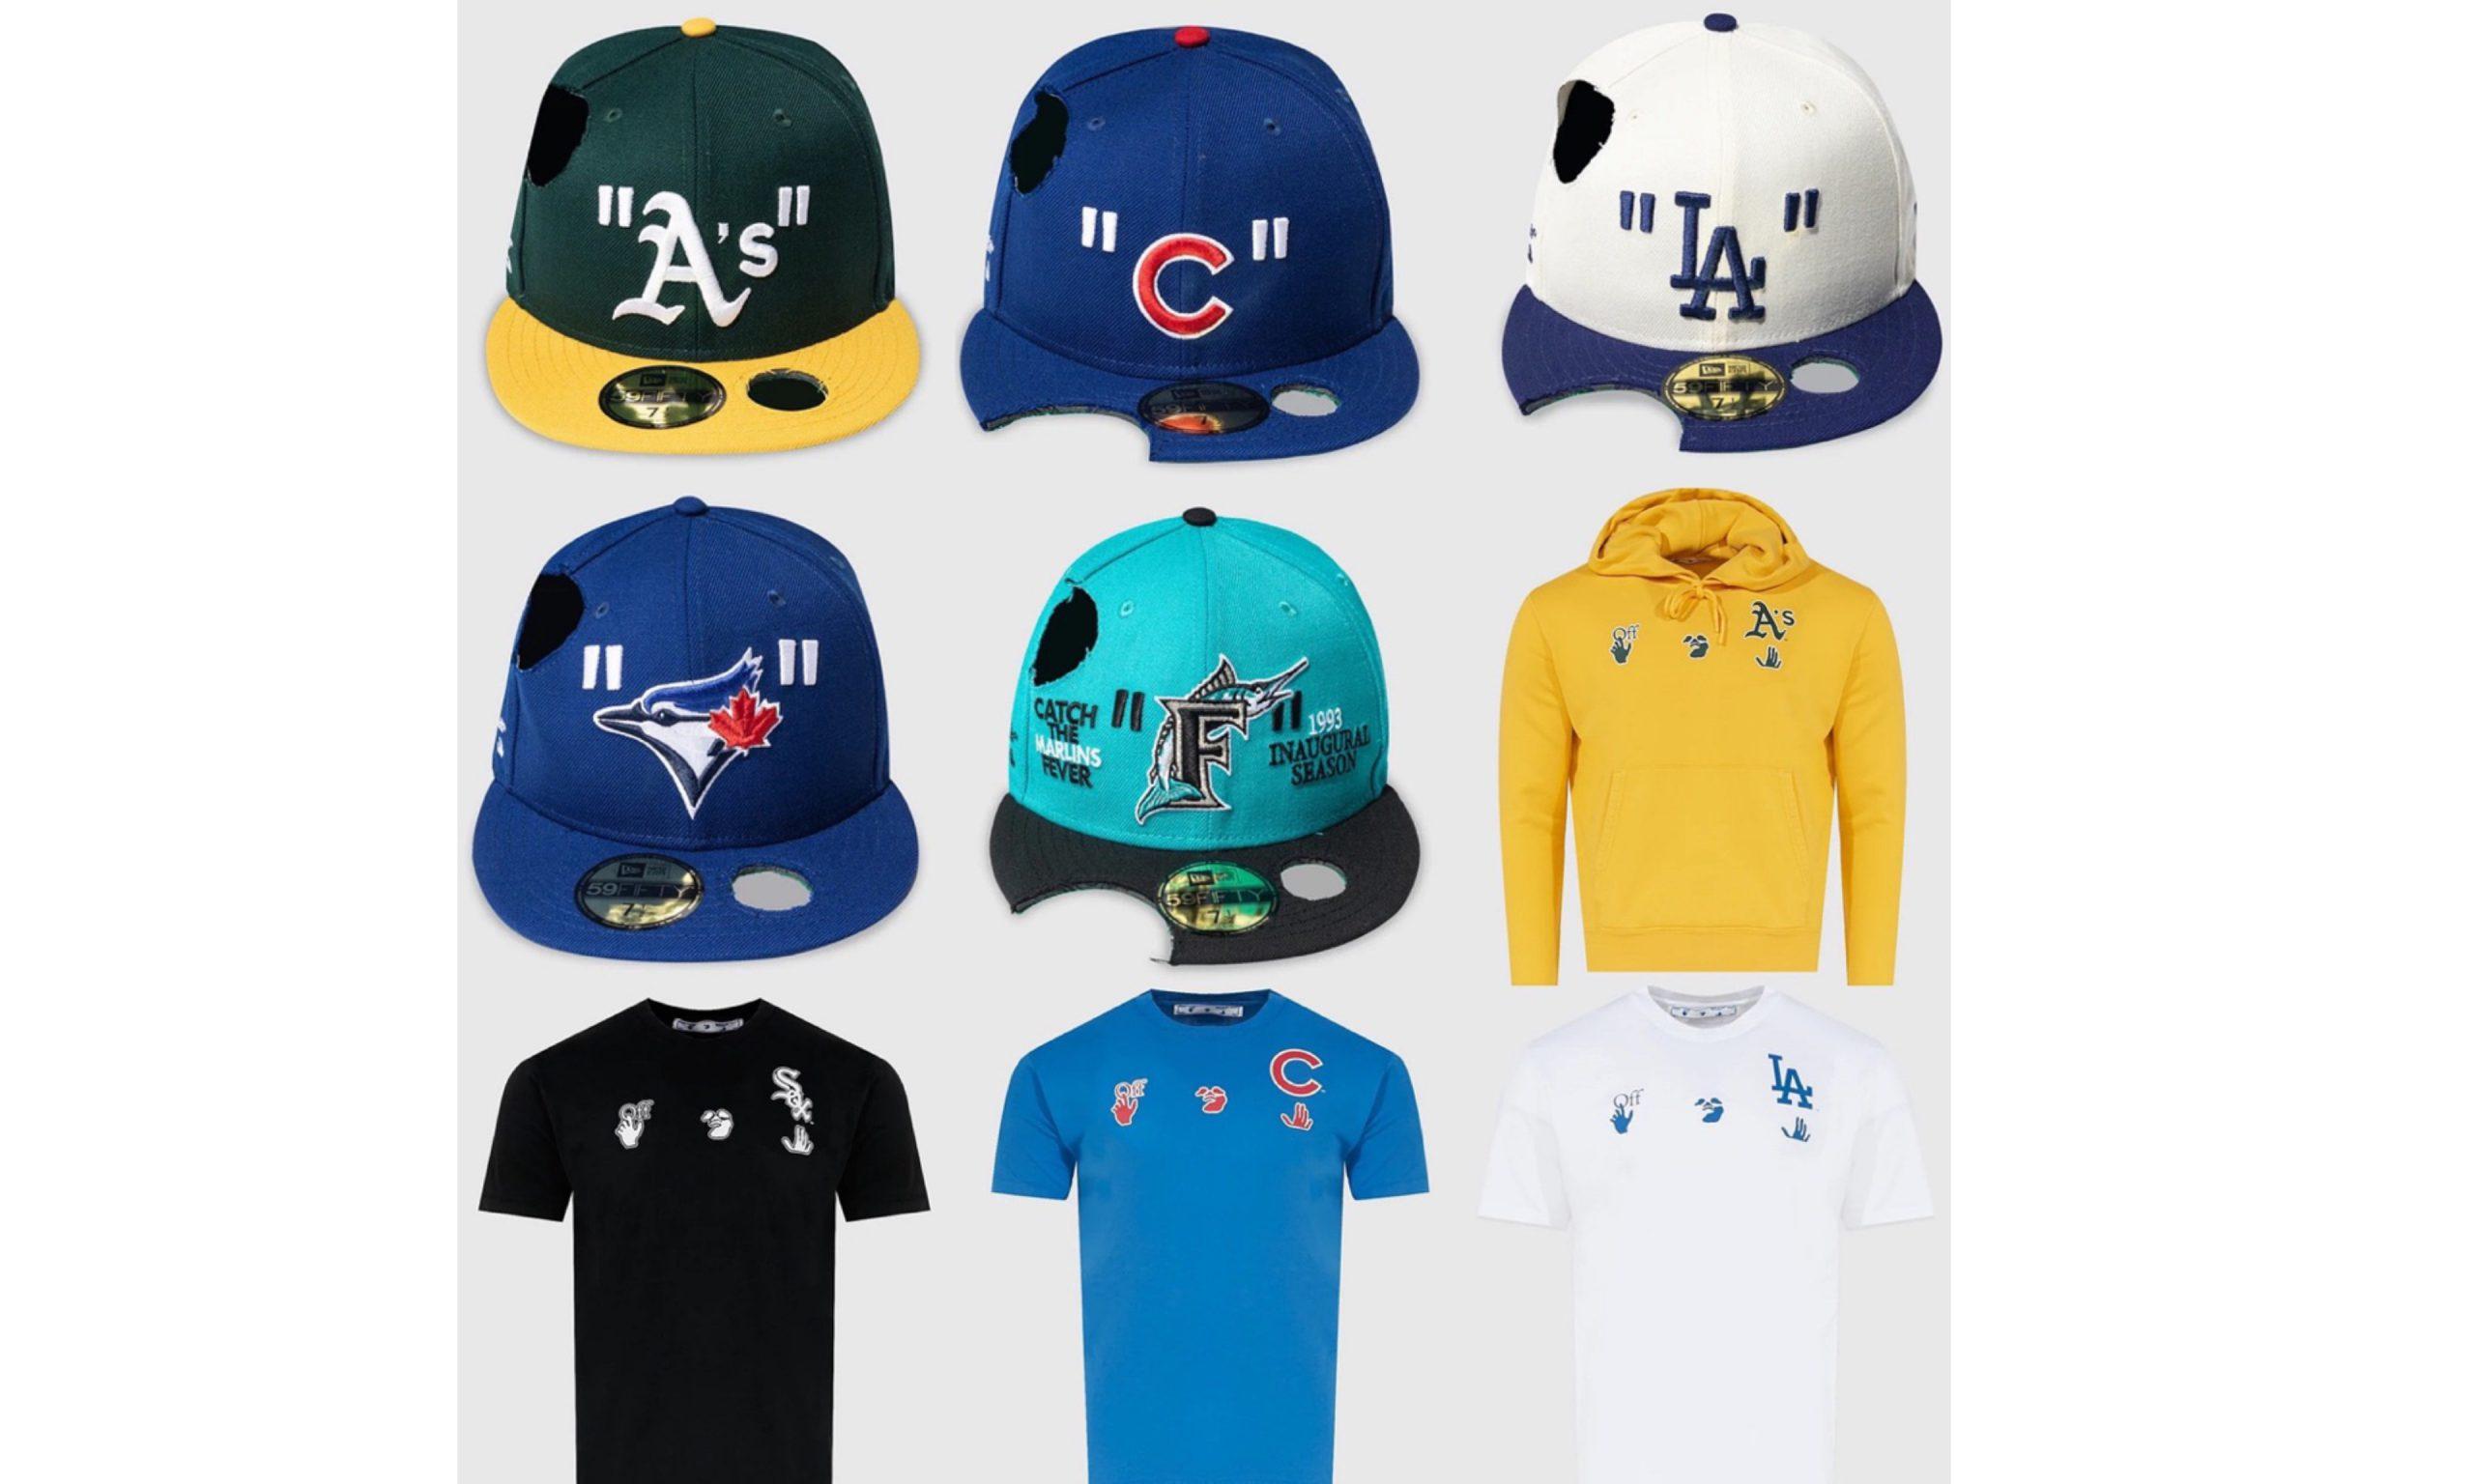 Off-White™ x New Era x MLB 合作系列发售